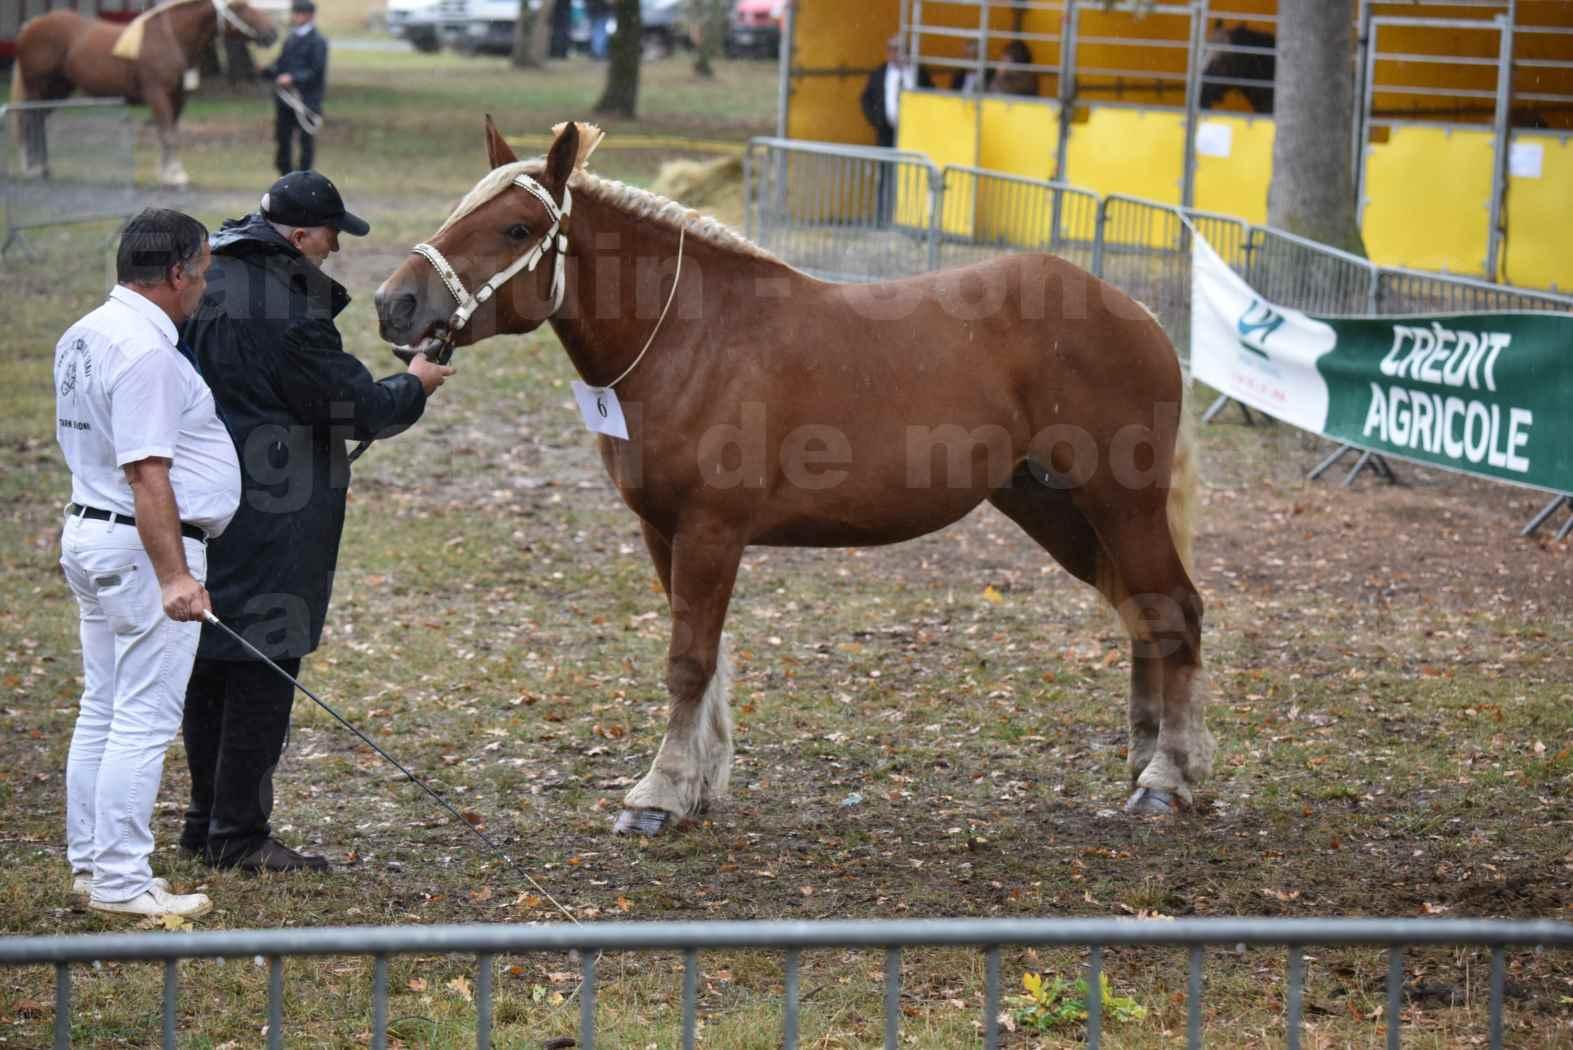 Concours Régional de chevaux de traits en 2017 - Trait COMTOIS - FANNY 61 - 03